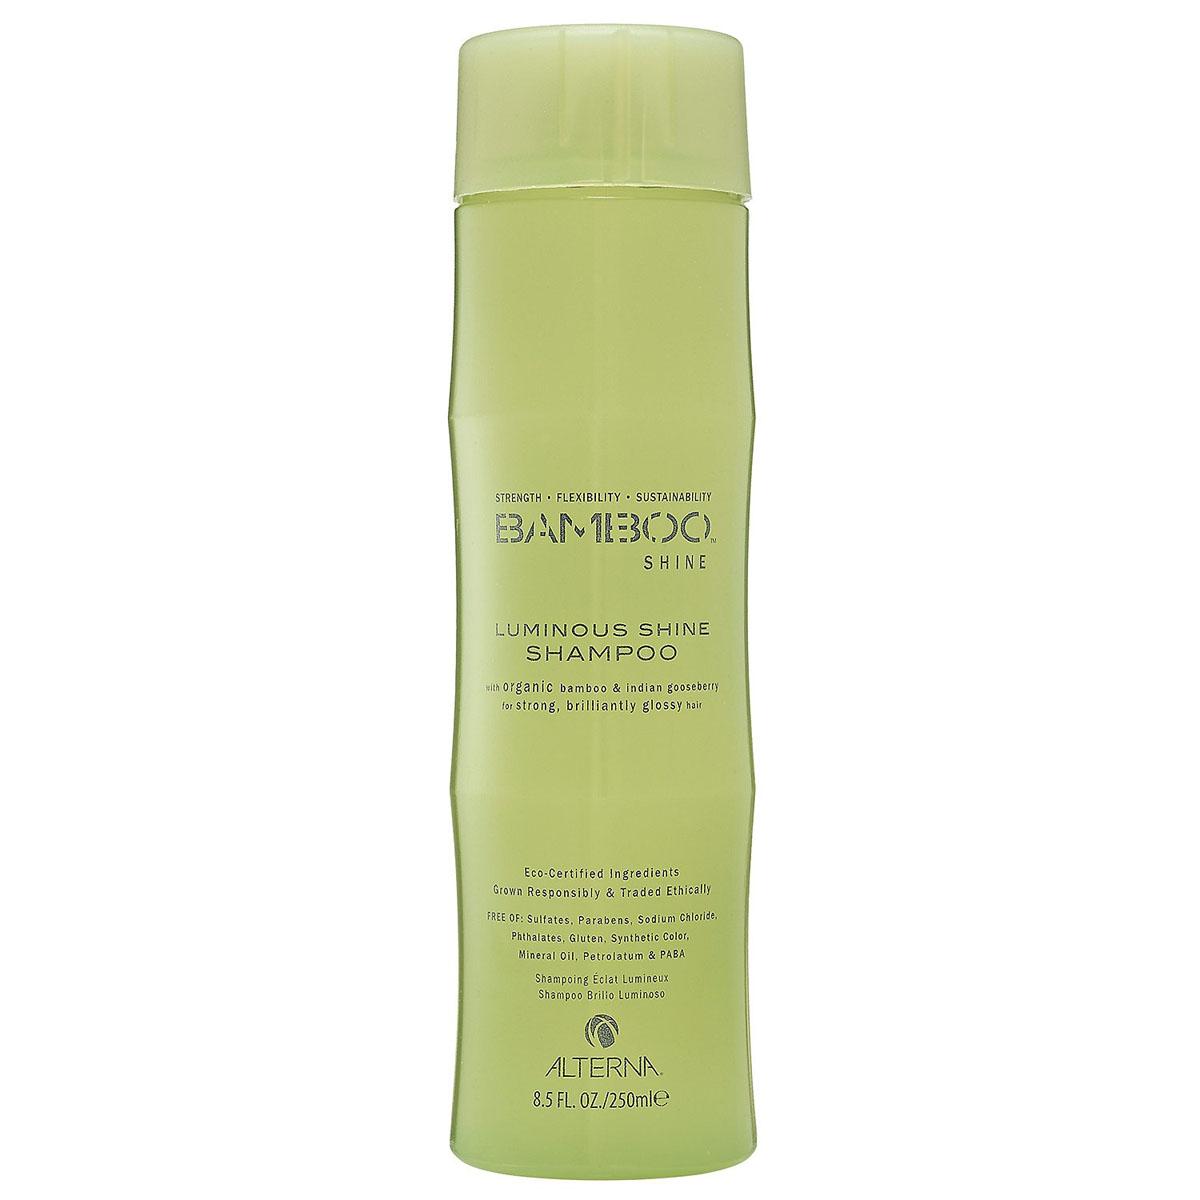 Alterna Шампунь для сияния и блеска волос (безсульфатный) Bamboo Luminous Shine Shampoo - 250 мл46010Органическое масло индийского крыжовника и экстракт бамбука, входящие в состав шампуня Bamboo Luminous Shine Shampoo помогутоптимально увлажнить и укрепить волосы, делая их гладкими, сильными и шелковистыми. Технология Color Hold позволит окрашенным волосамдольше сохранять цвет, не вымывая его. Идеально подходит для светлых волос.Результат: очищает волосы без использования сульфатов. Оптимально увлажняет и укрепляет волосы. Сохраняет яркость цвета окрашенных инатуральных волос. Улучшает внешний вид волос. Разглаживает волосы, придает им гладкость и блеск.